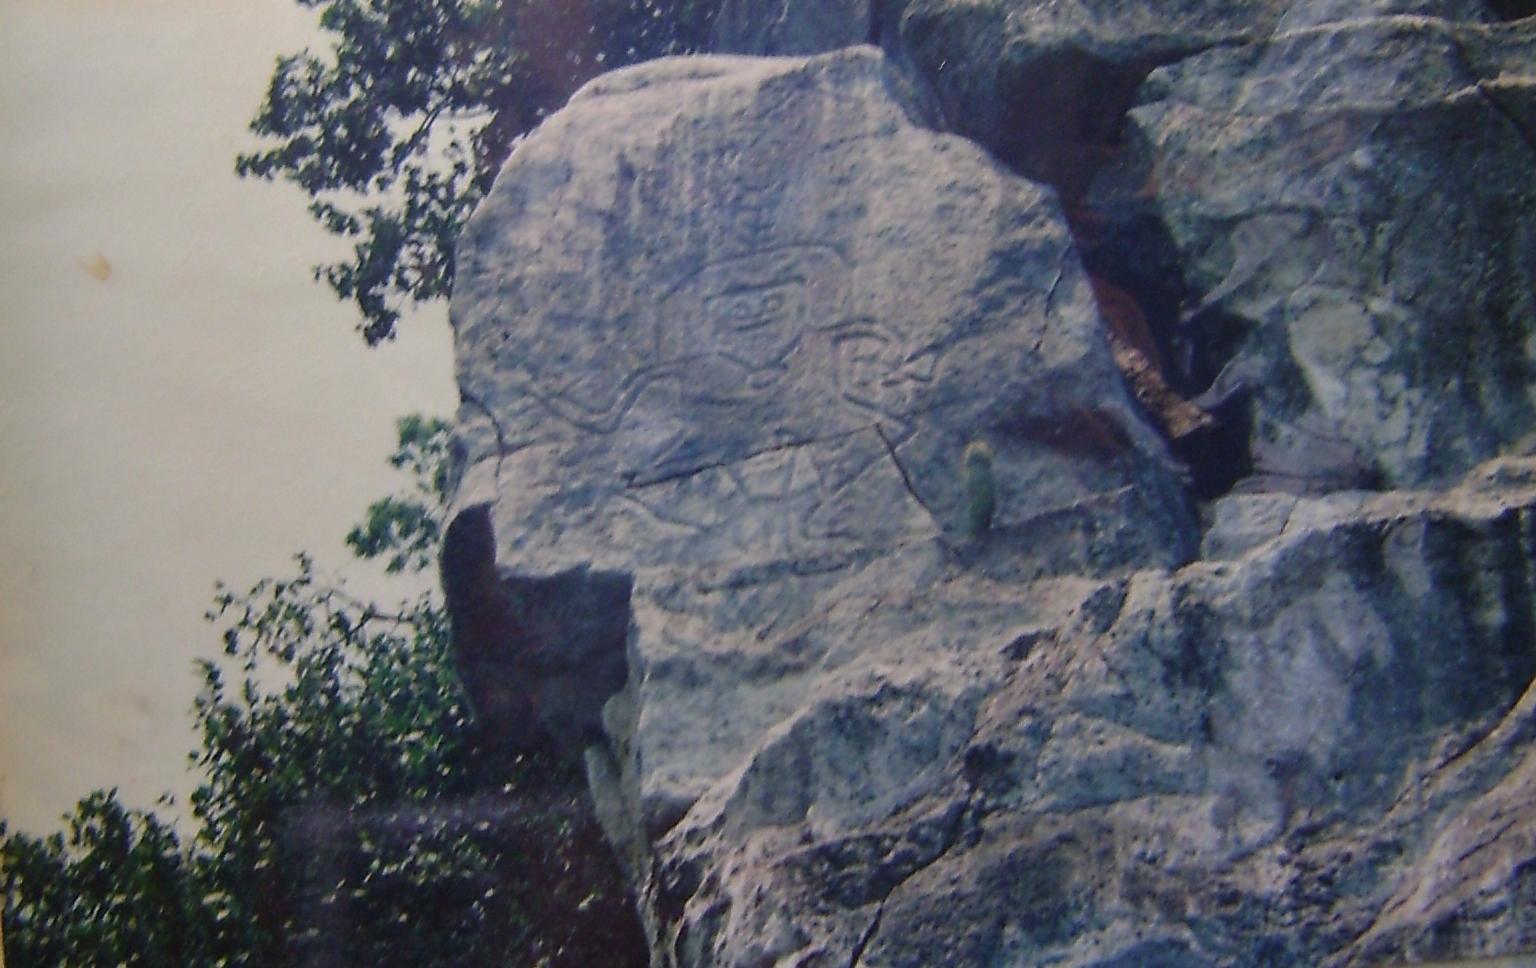 Un cerrito de Petróglifos Verdadero tesoro en Piedras 2lvk6m1